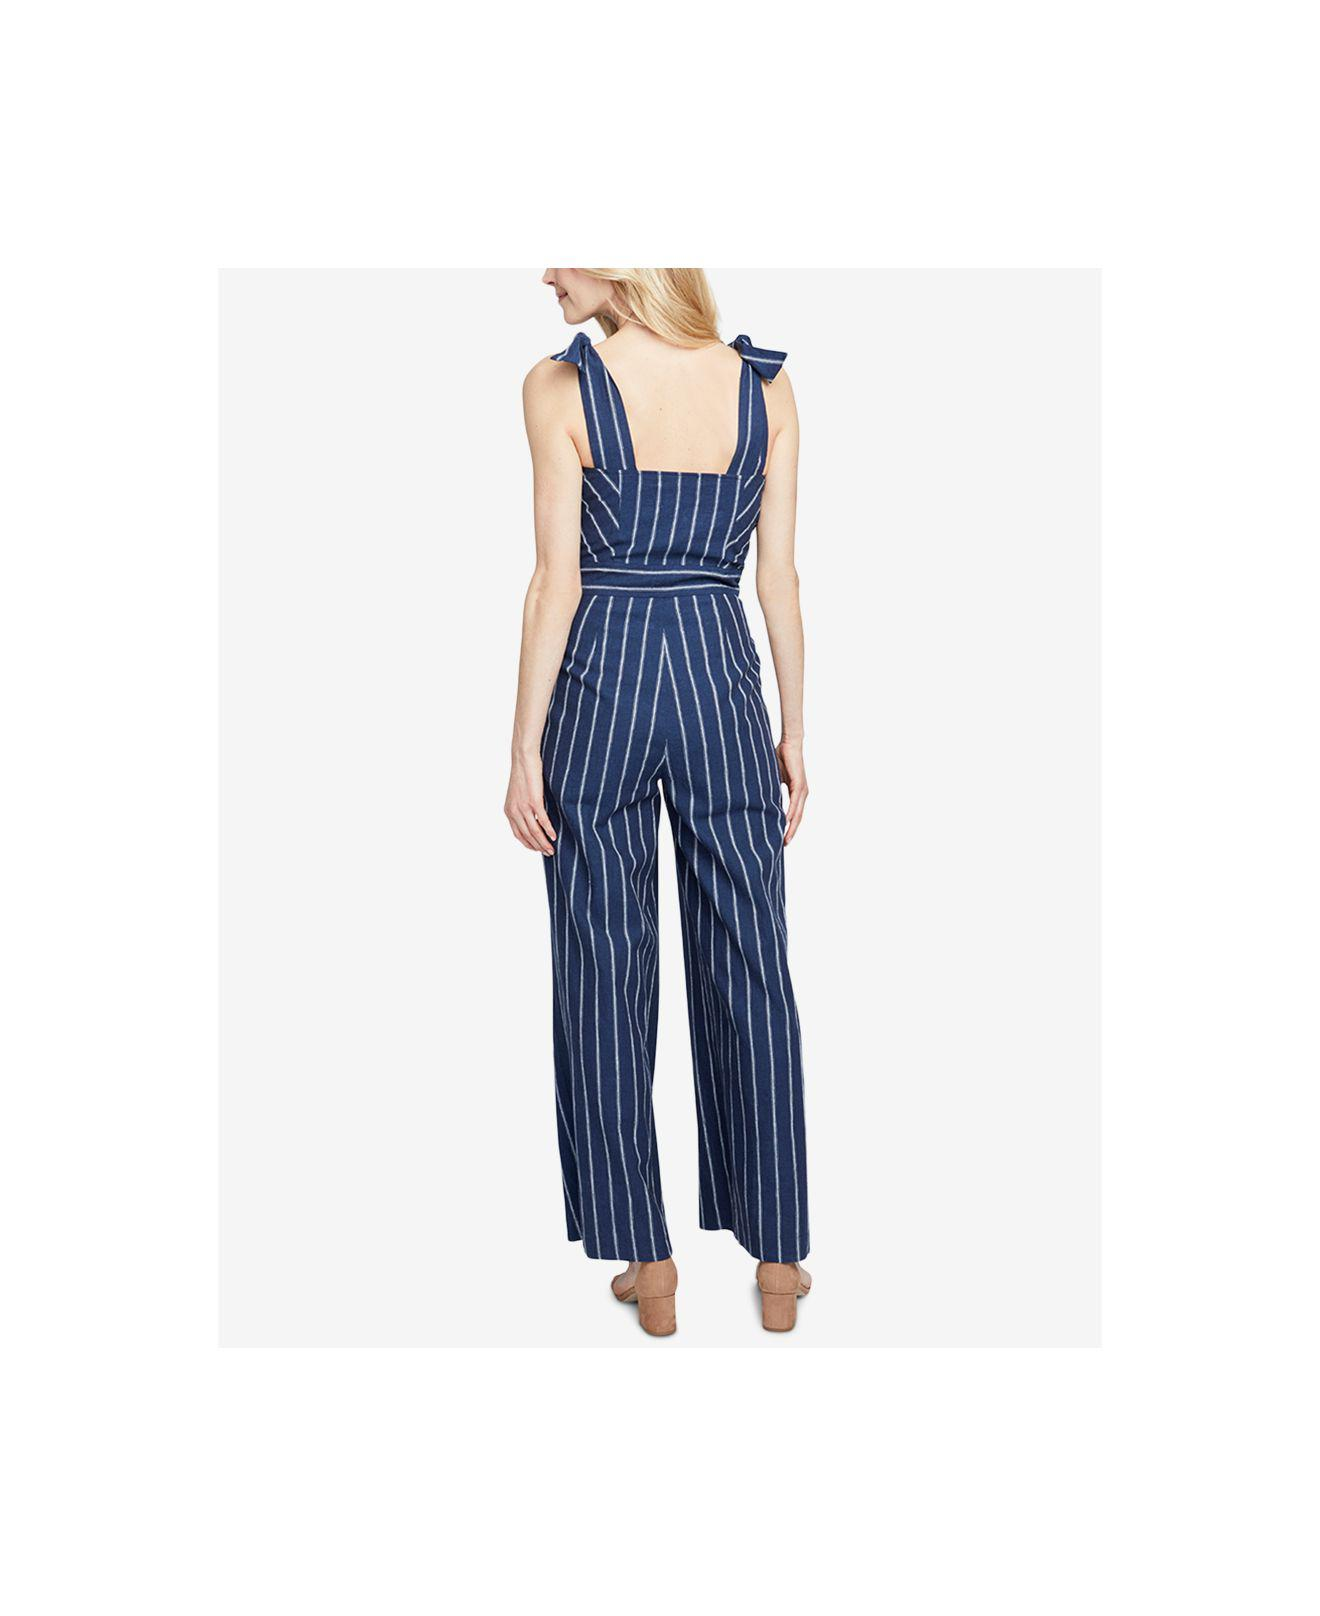 9d070861c33 Lyst - RACHEL Rachel Roy Kate Striped Jumpsuit in Blue - Save 14%